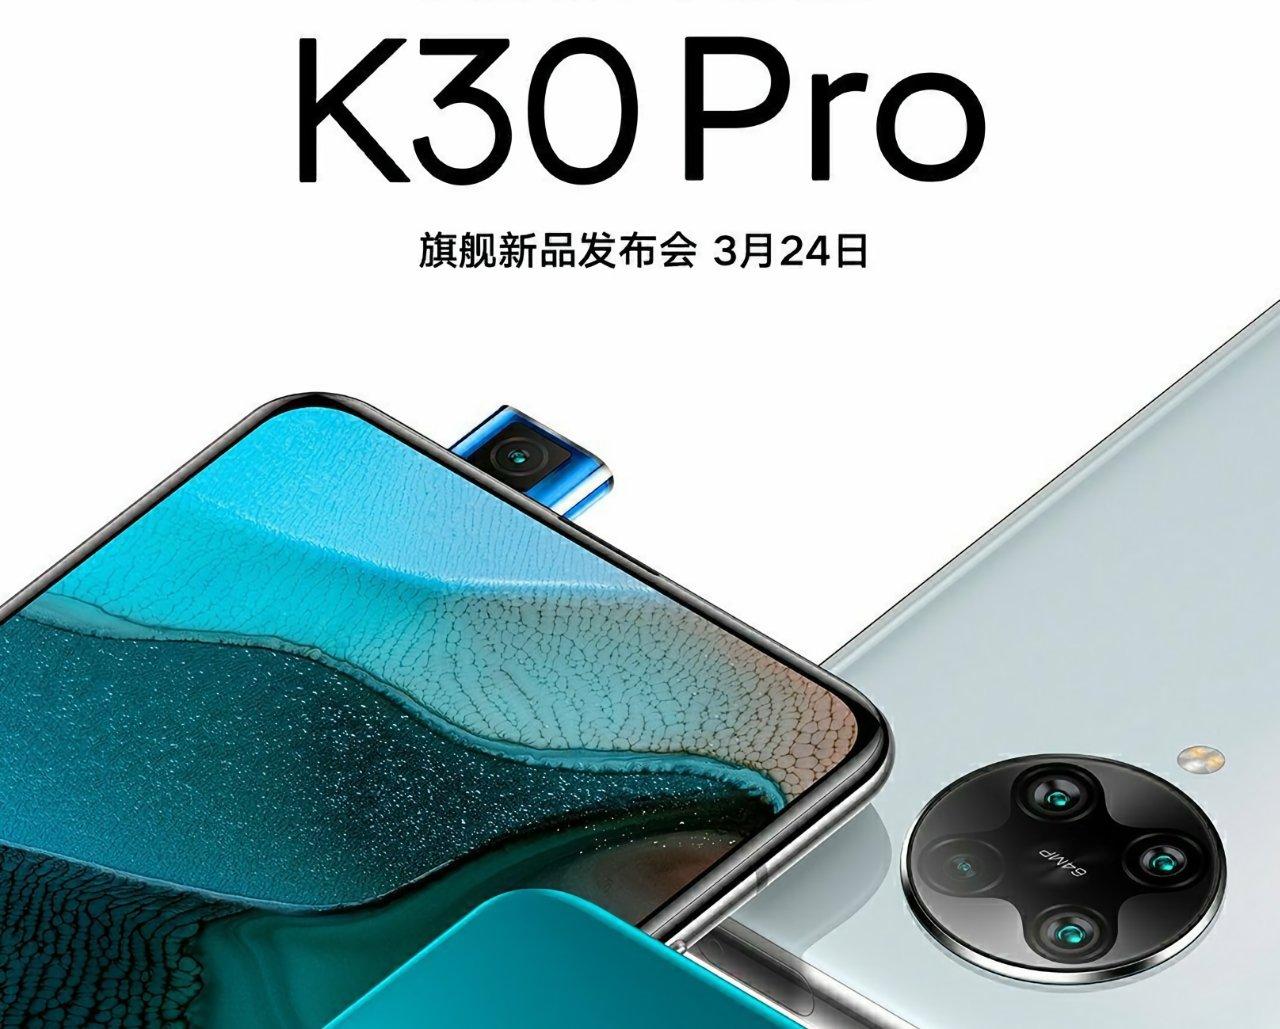 Полные характеристики экрана Redmi K30 Pro 5G